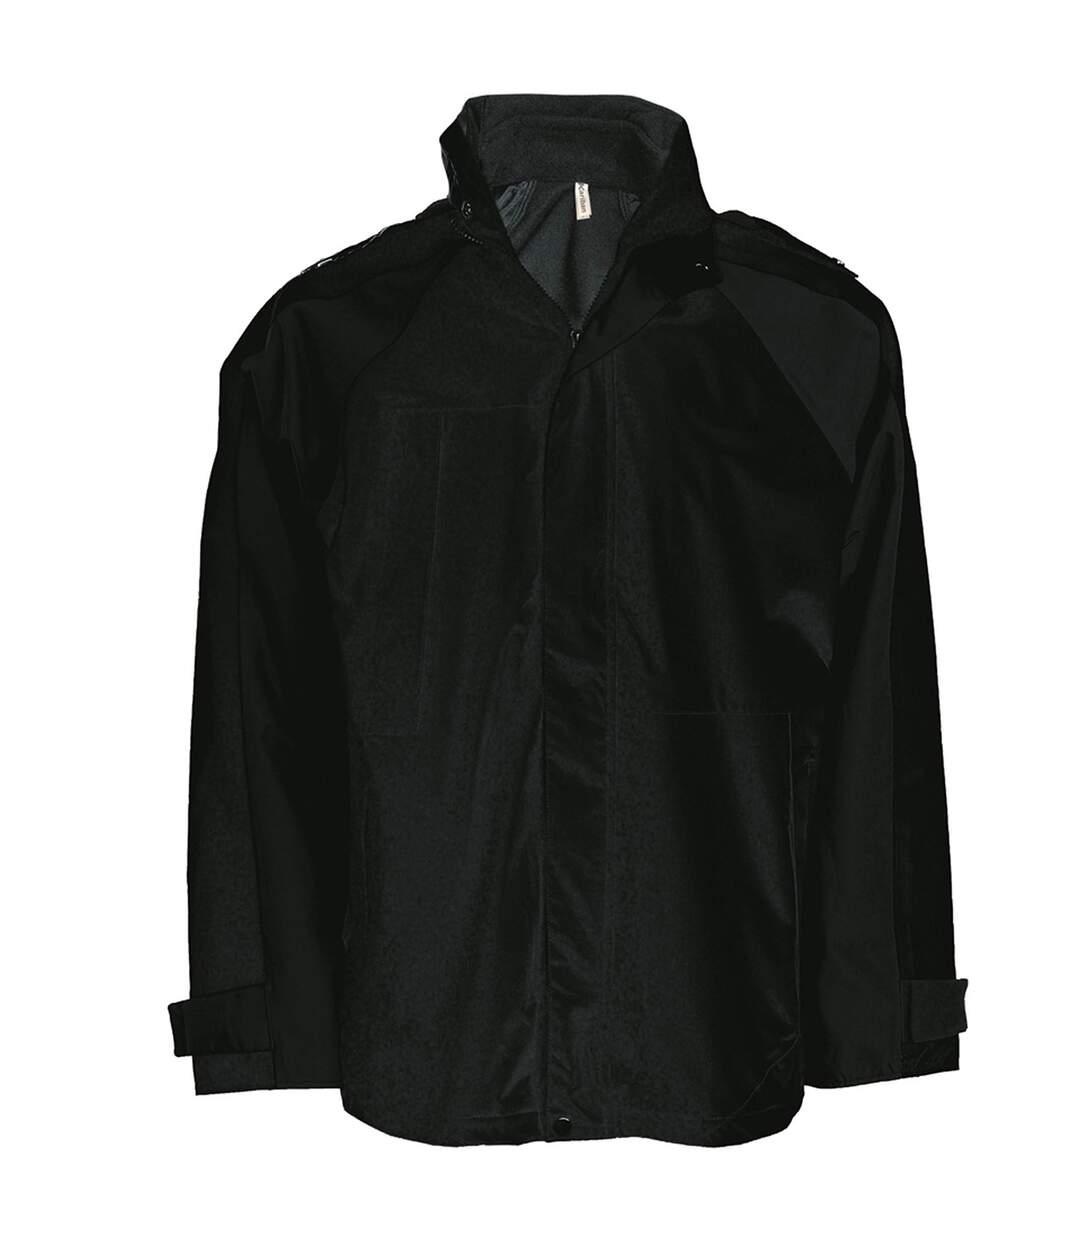 Kariban Mens 3-in-1 Waterproof Performance Jacket (Black) - UTRW729